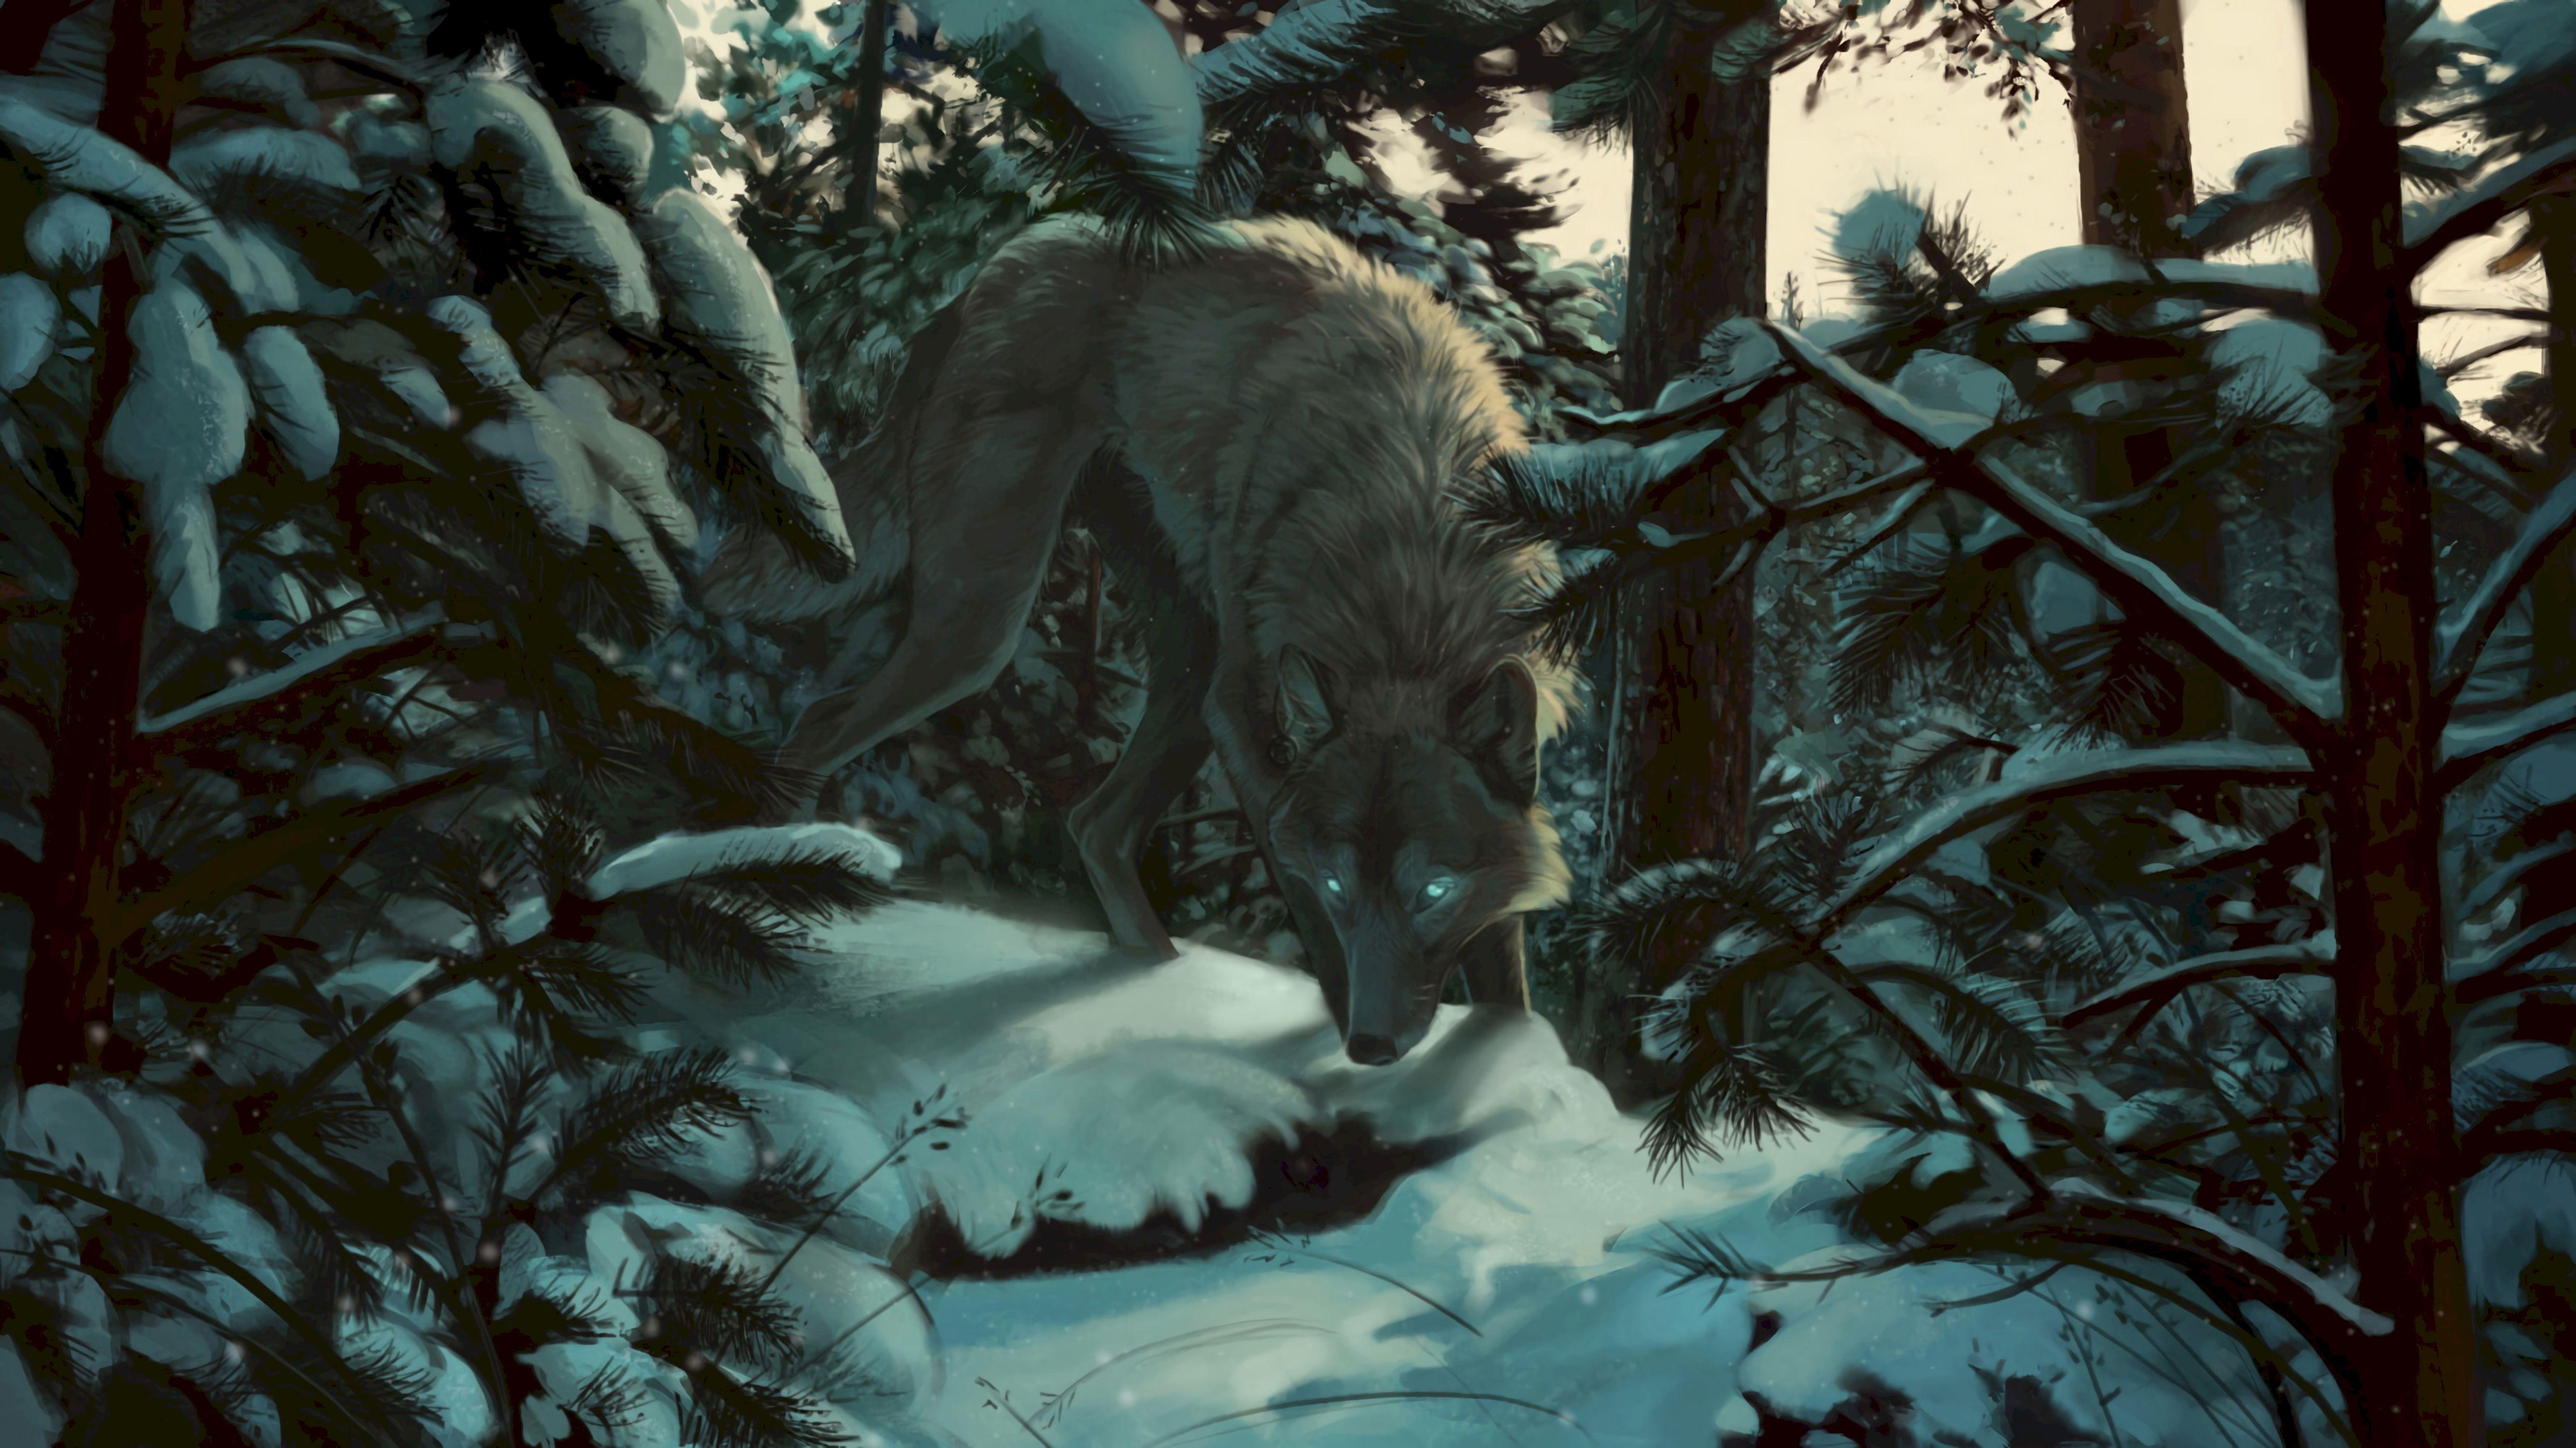 113444 Hintergrundbild herunterladen Bäume, Kunst, Schnee, Wald, Raubtier, Predator, Wolf - Bildschirmschoner und Bilder kostenlos